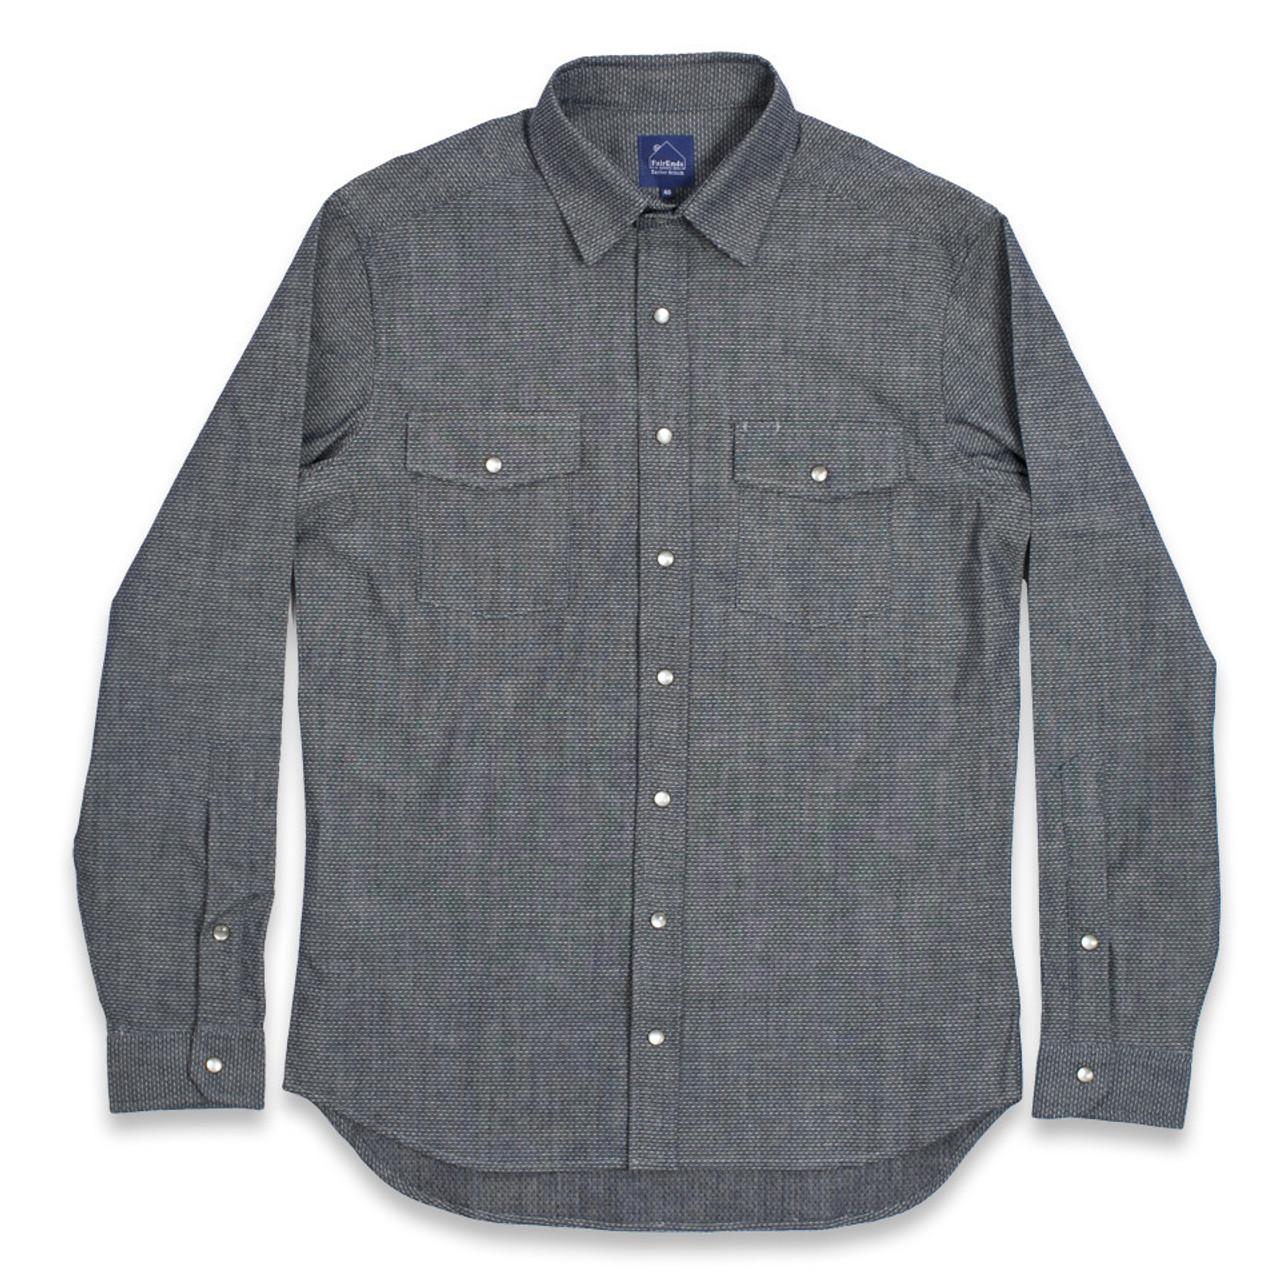 Indigo Jaquard Chambray Glacier Shirt